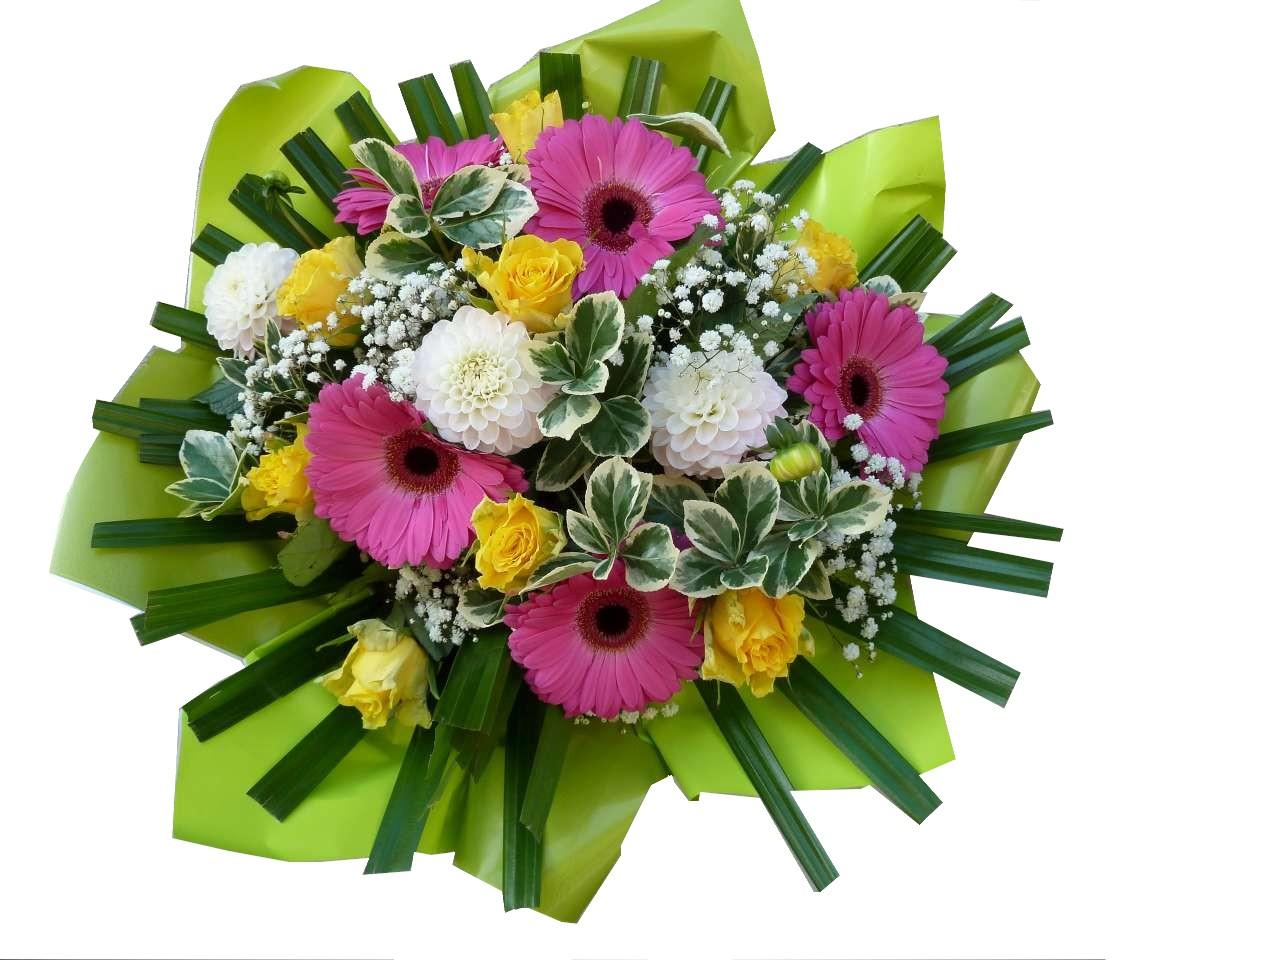 Livraison de fleurs dimanche l 39 atelier des fleurs for Site livraison fleurs